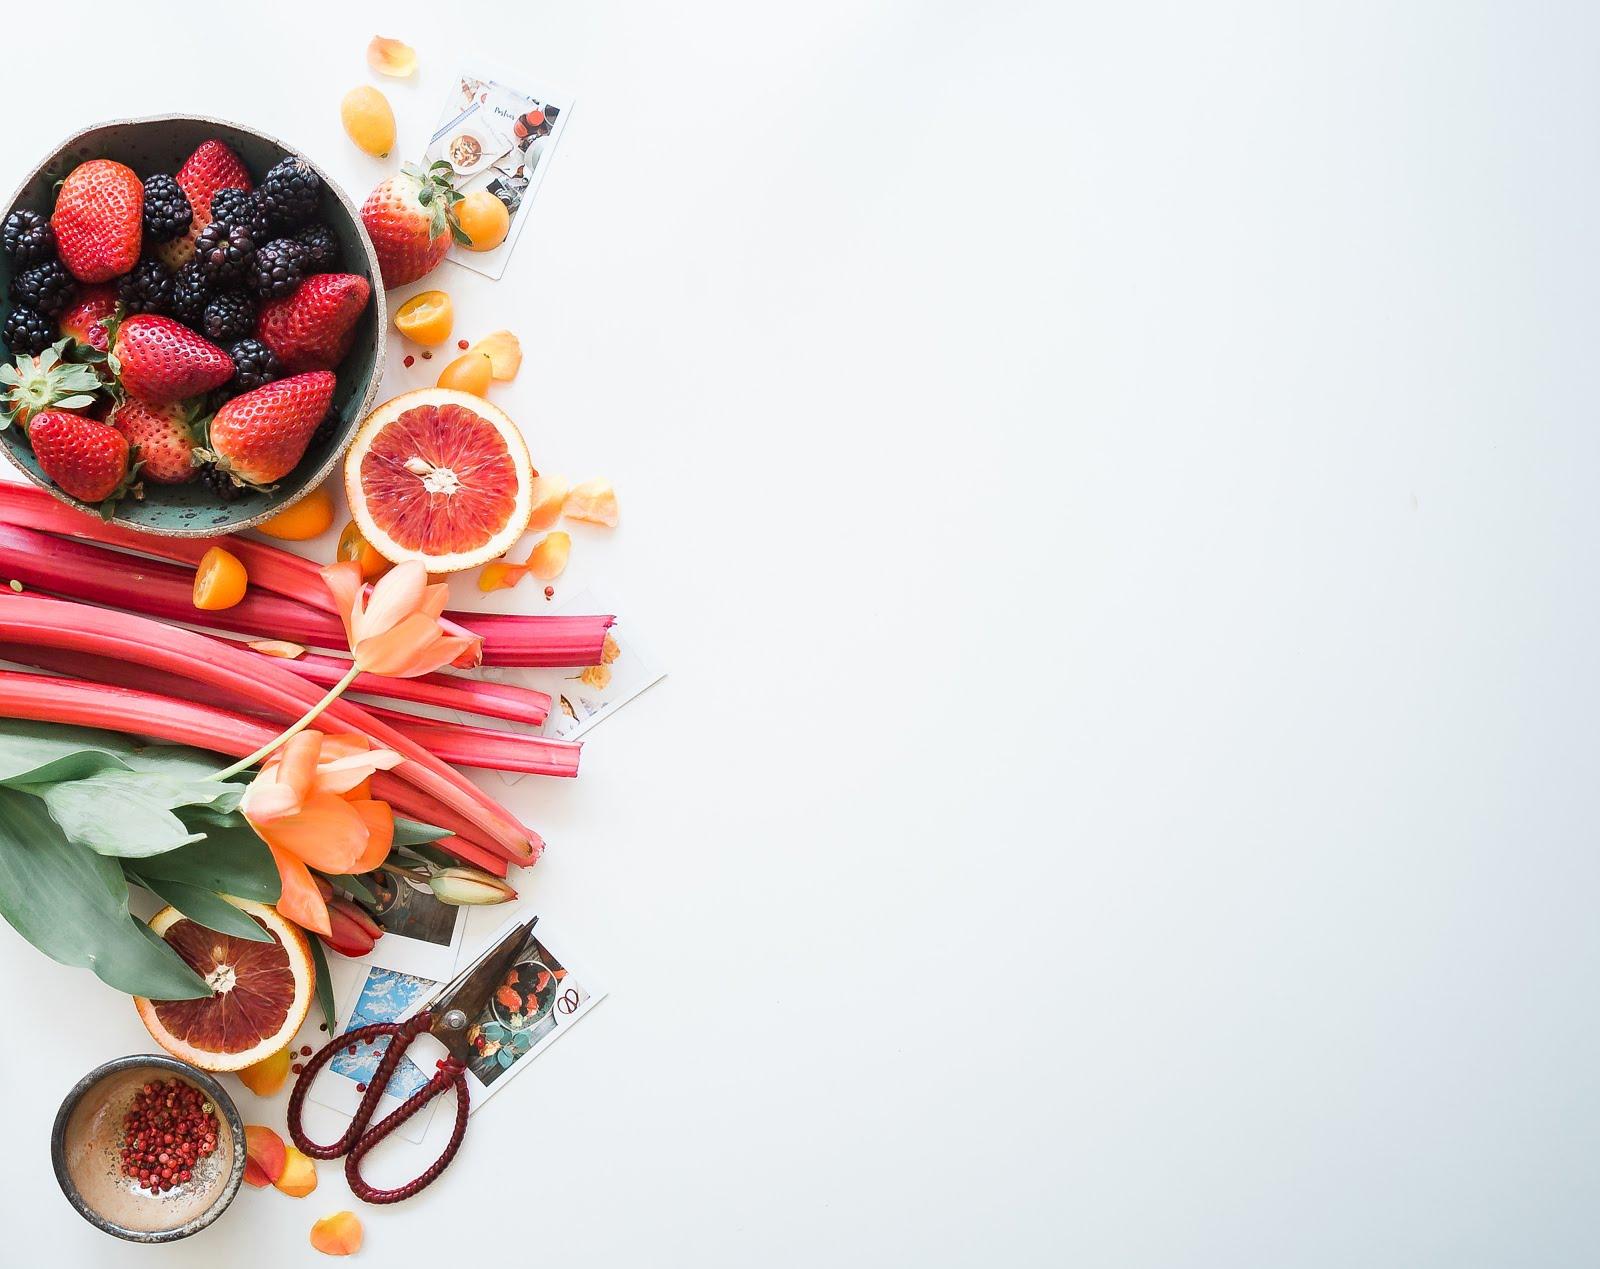 صور خلفيات بوربوينت للطعام